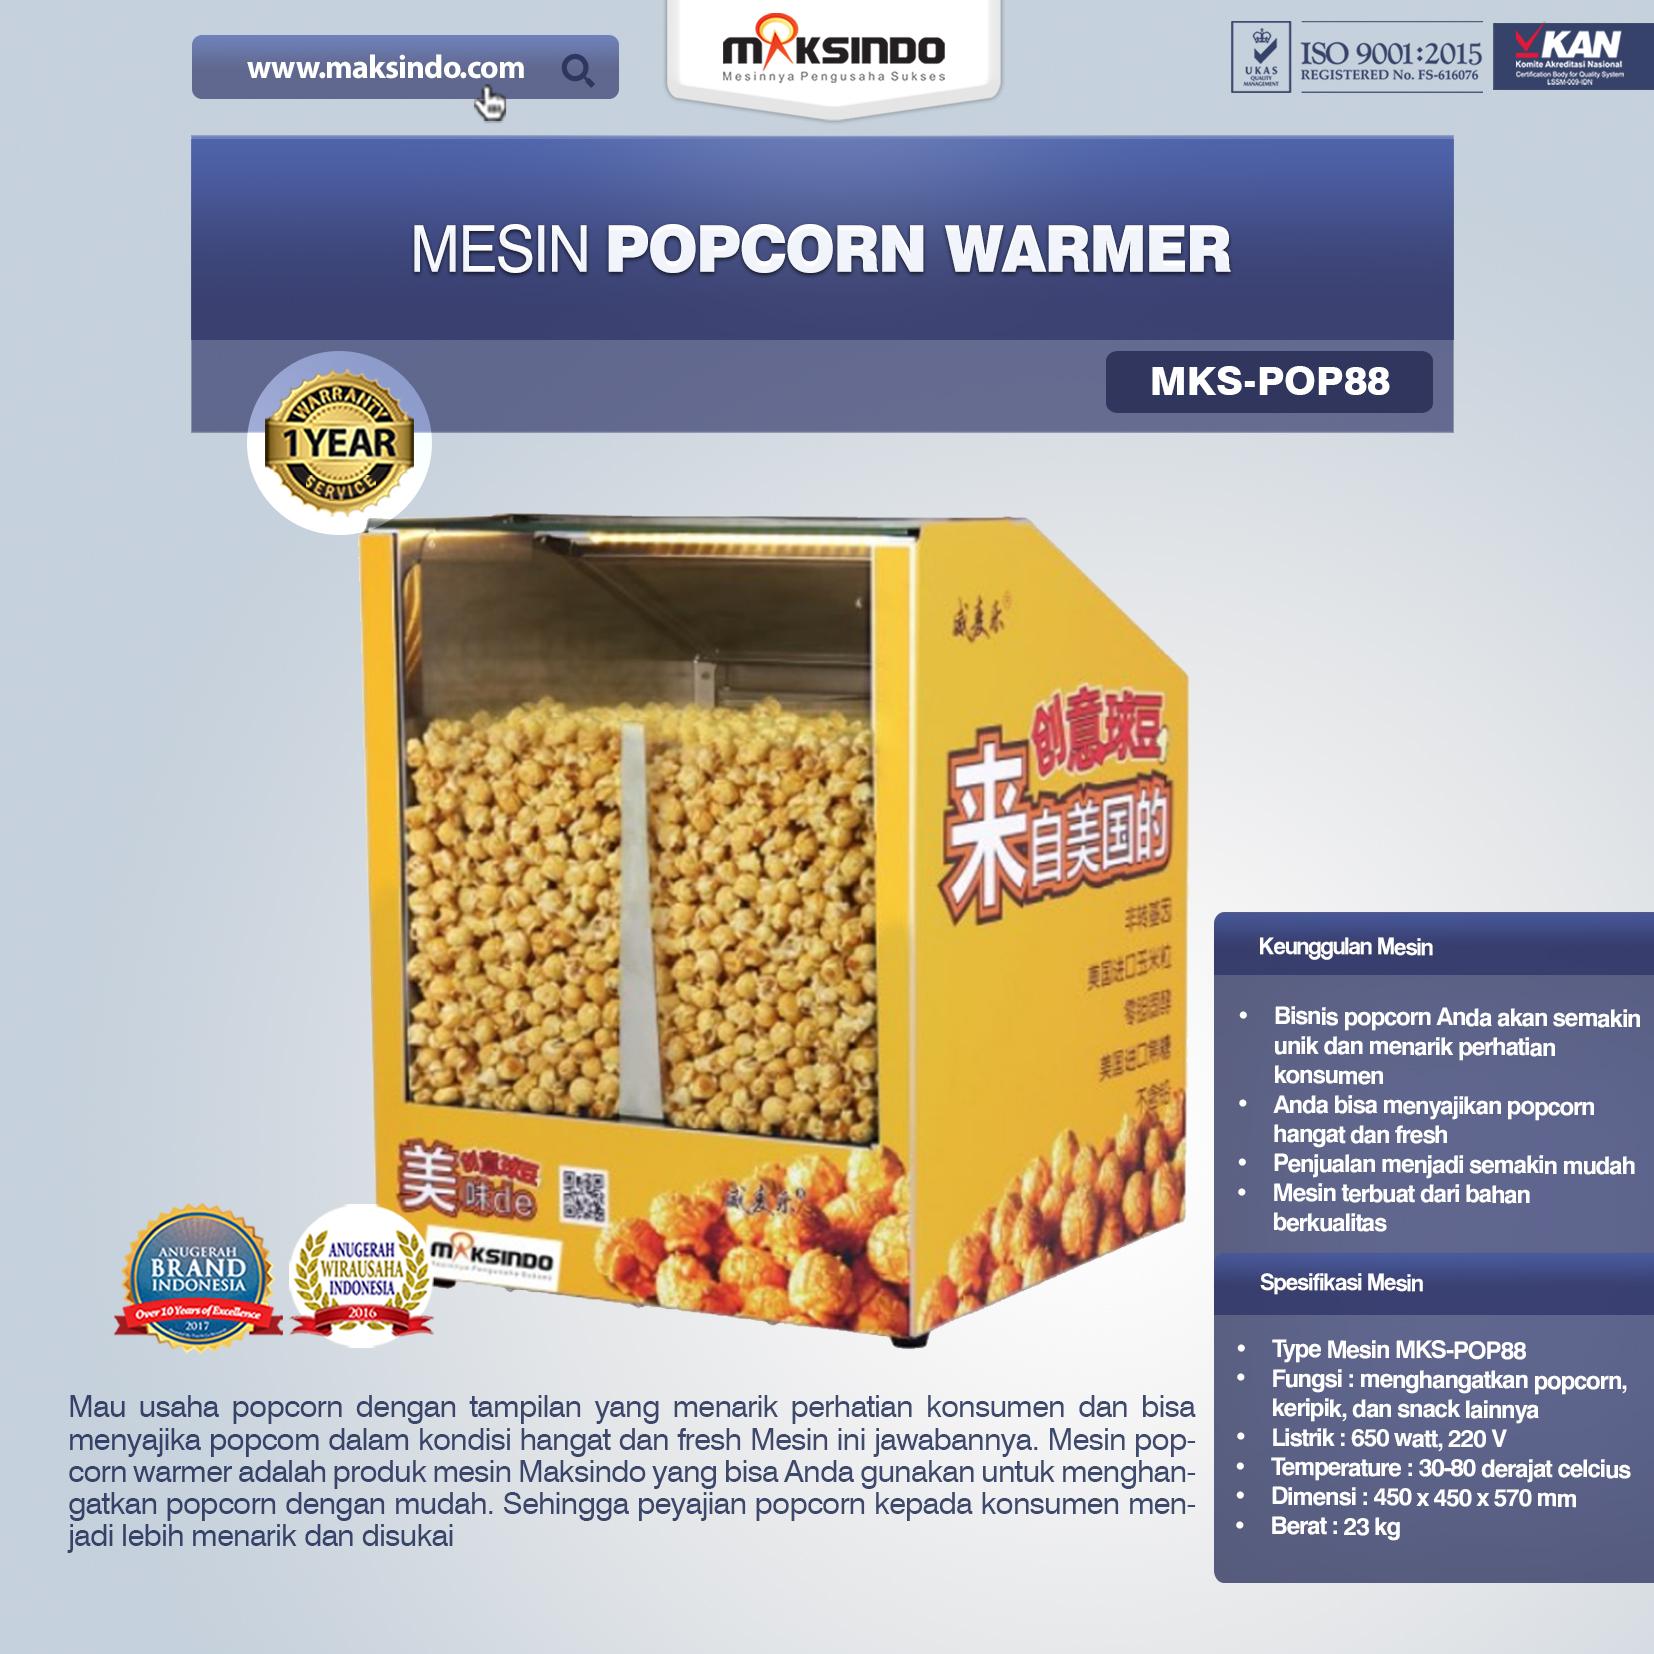 Jual Mesin Popcorn Warmer (POP88) di Bali